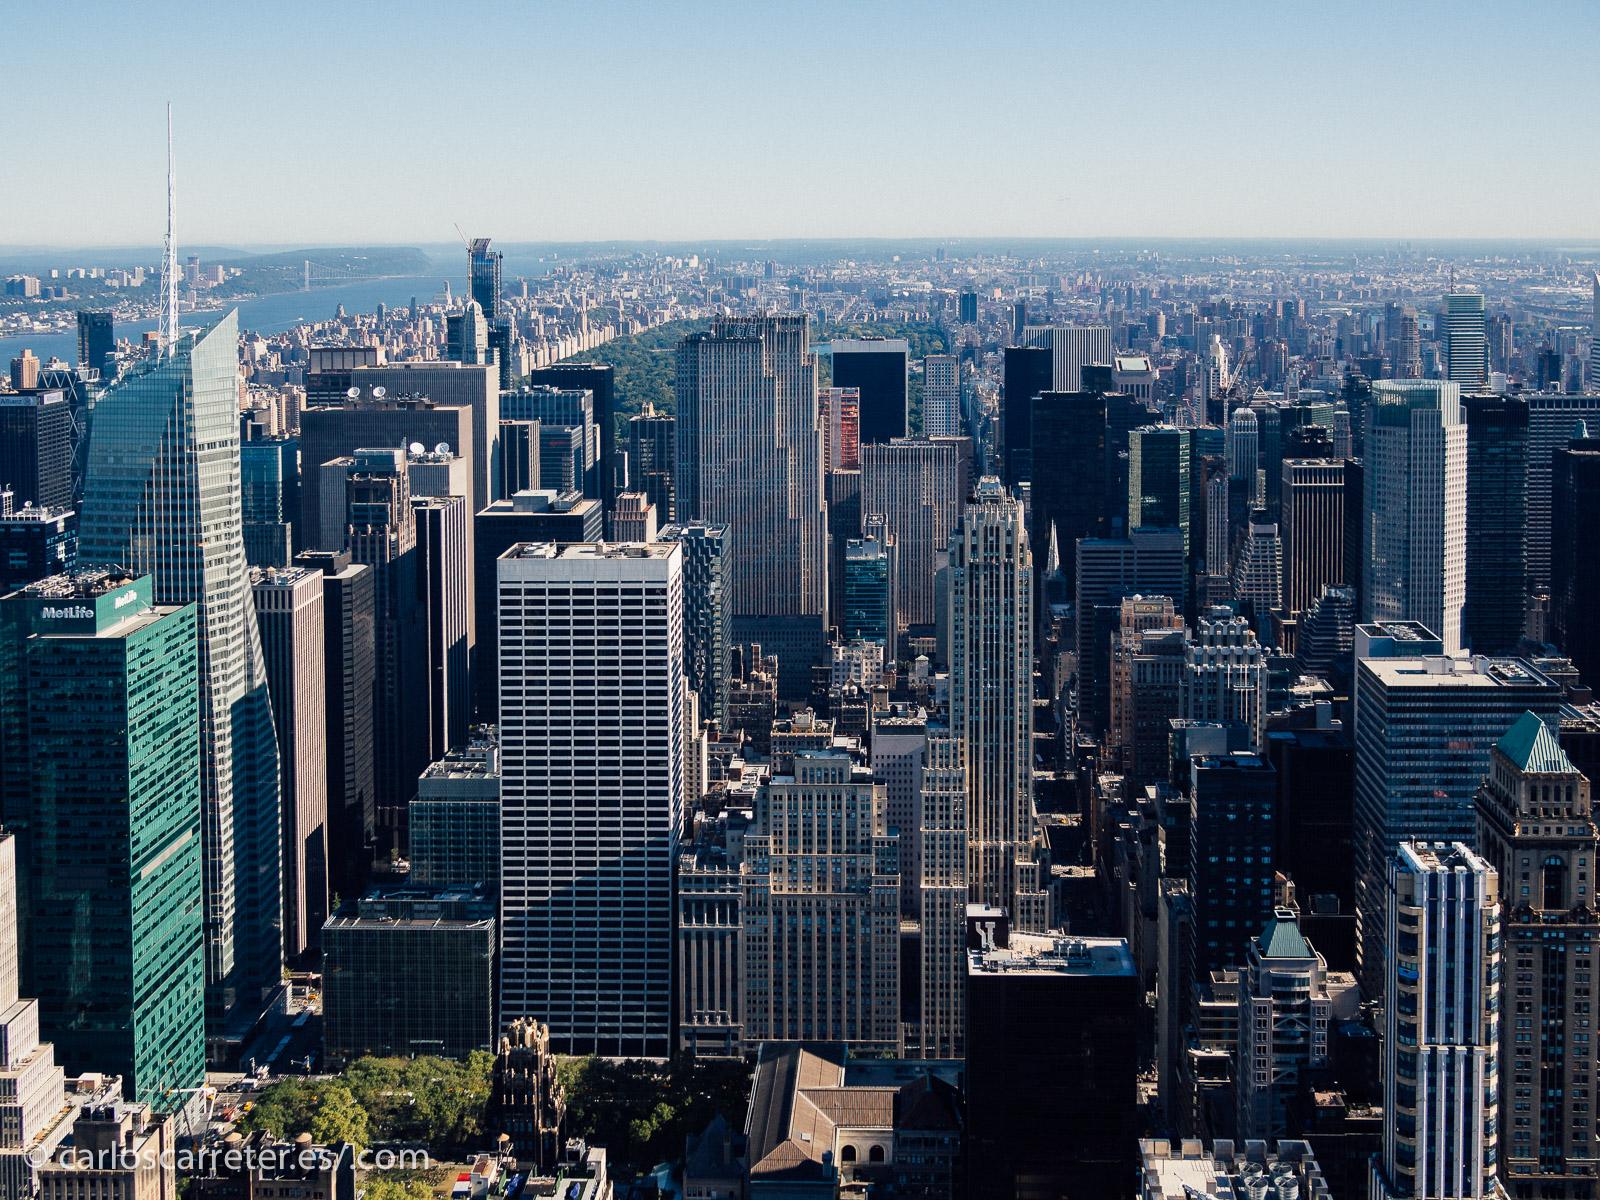 Aunque no de forma exclusiva, la serie está ambientada en Nueva York, especialmente en Madison Avenue que estará por ahí detrás en algún sitio de esta vista hacia el norte desde el Empire State Building.